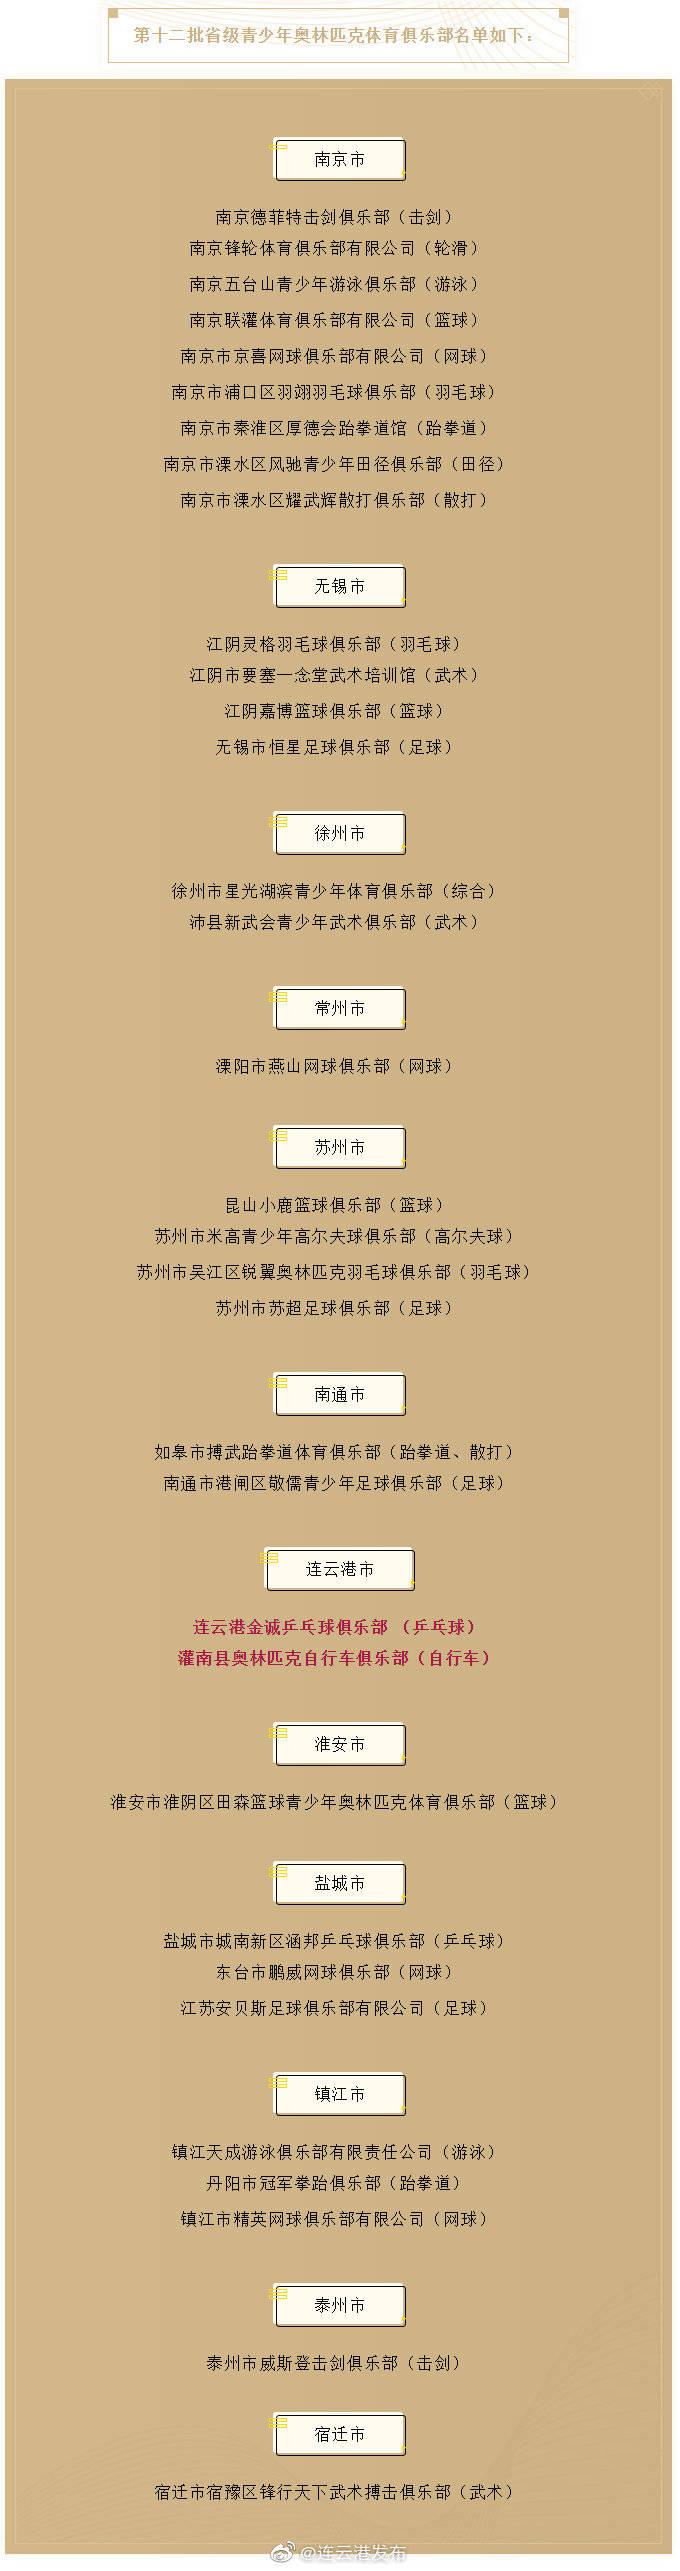 连云港市新增两家省级体育俱乐部